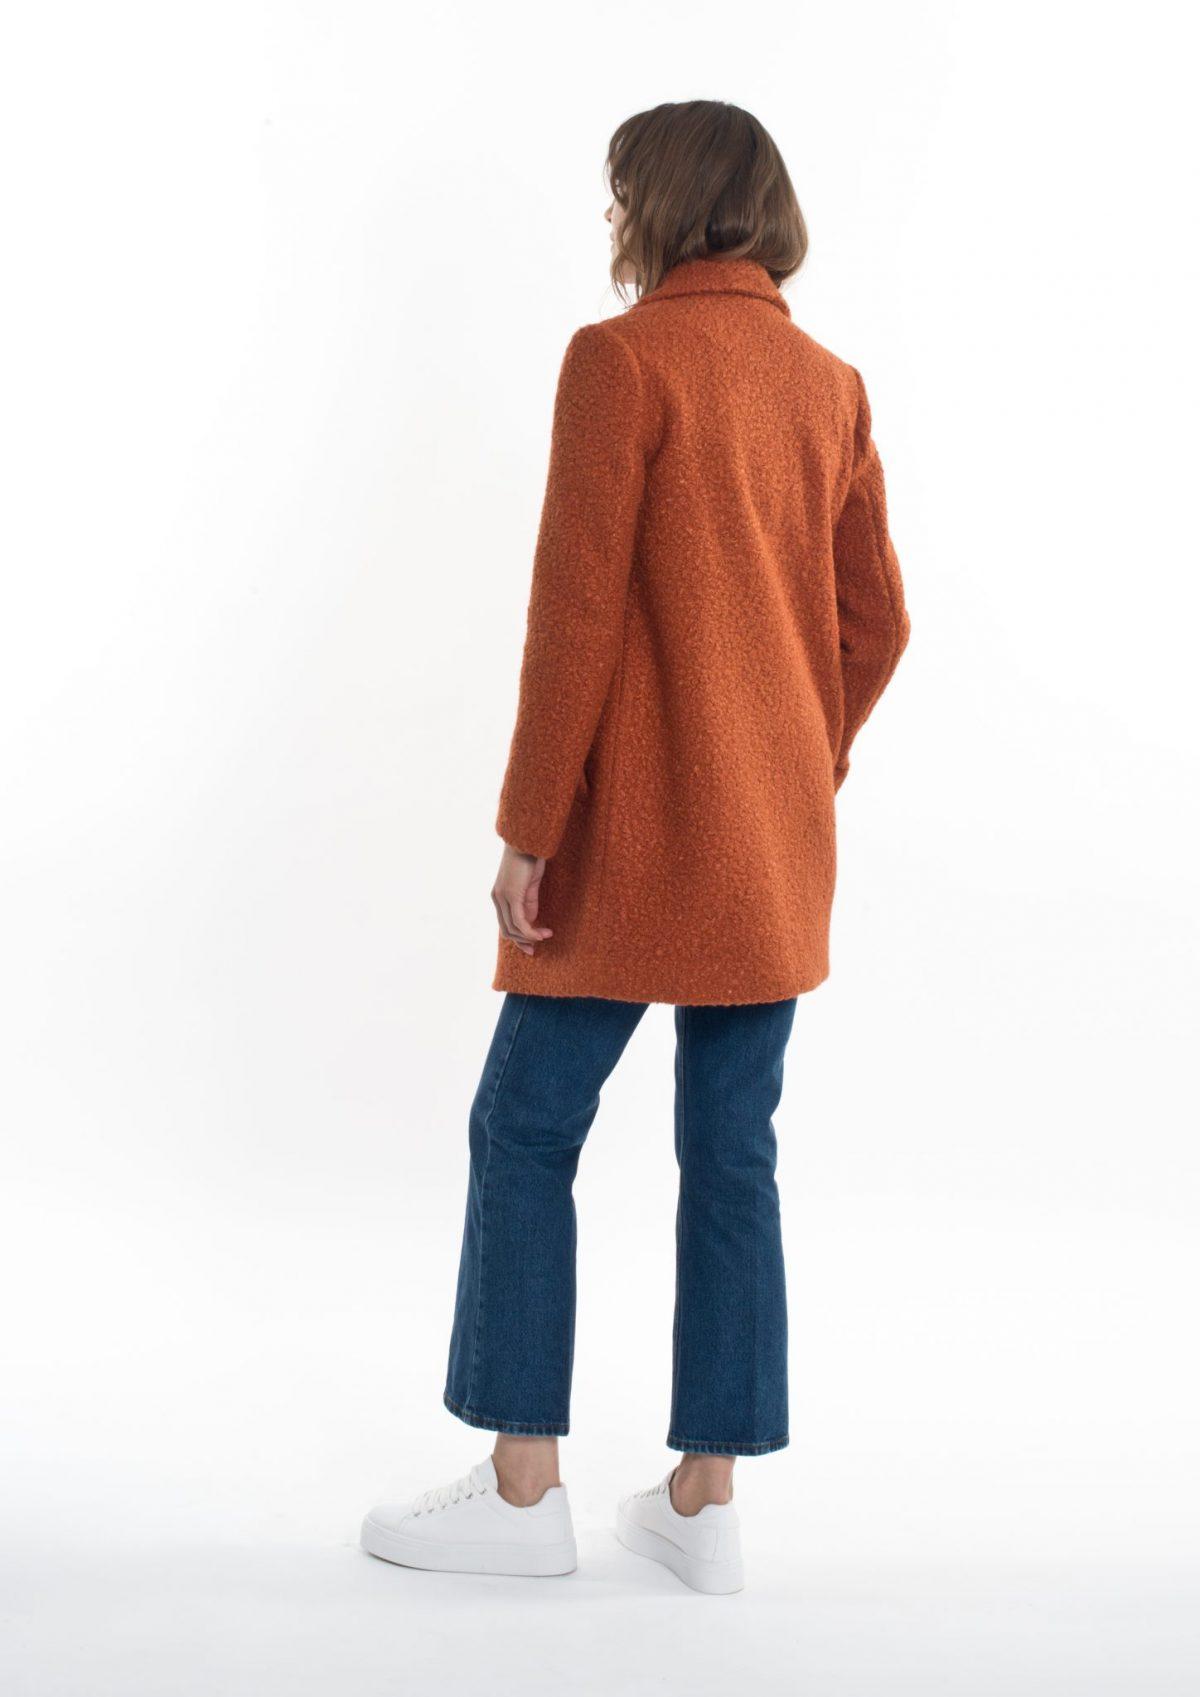 OrangeCoat565